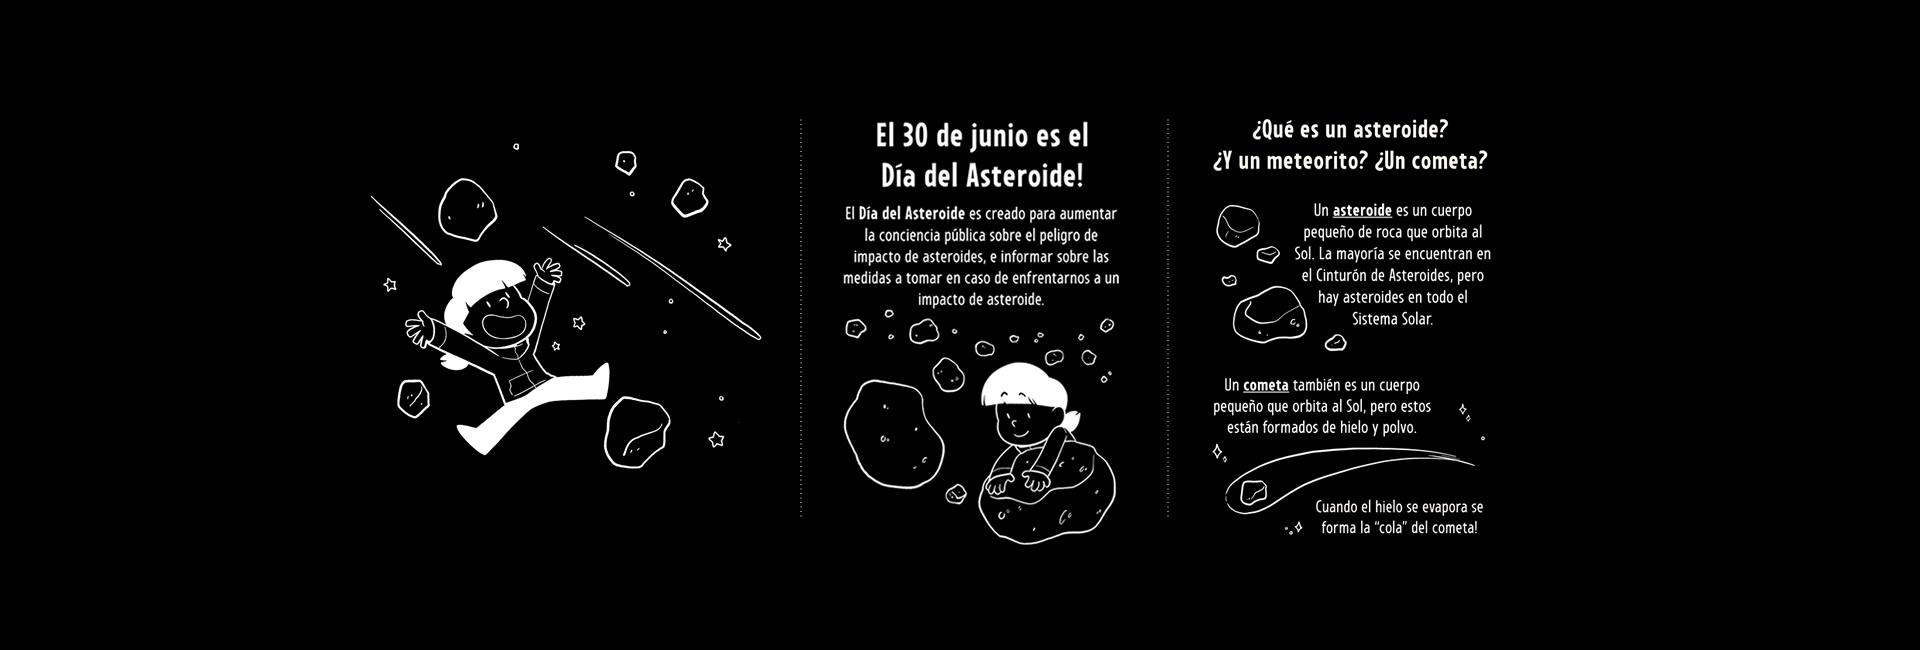 asteroides_fanzine-web